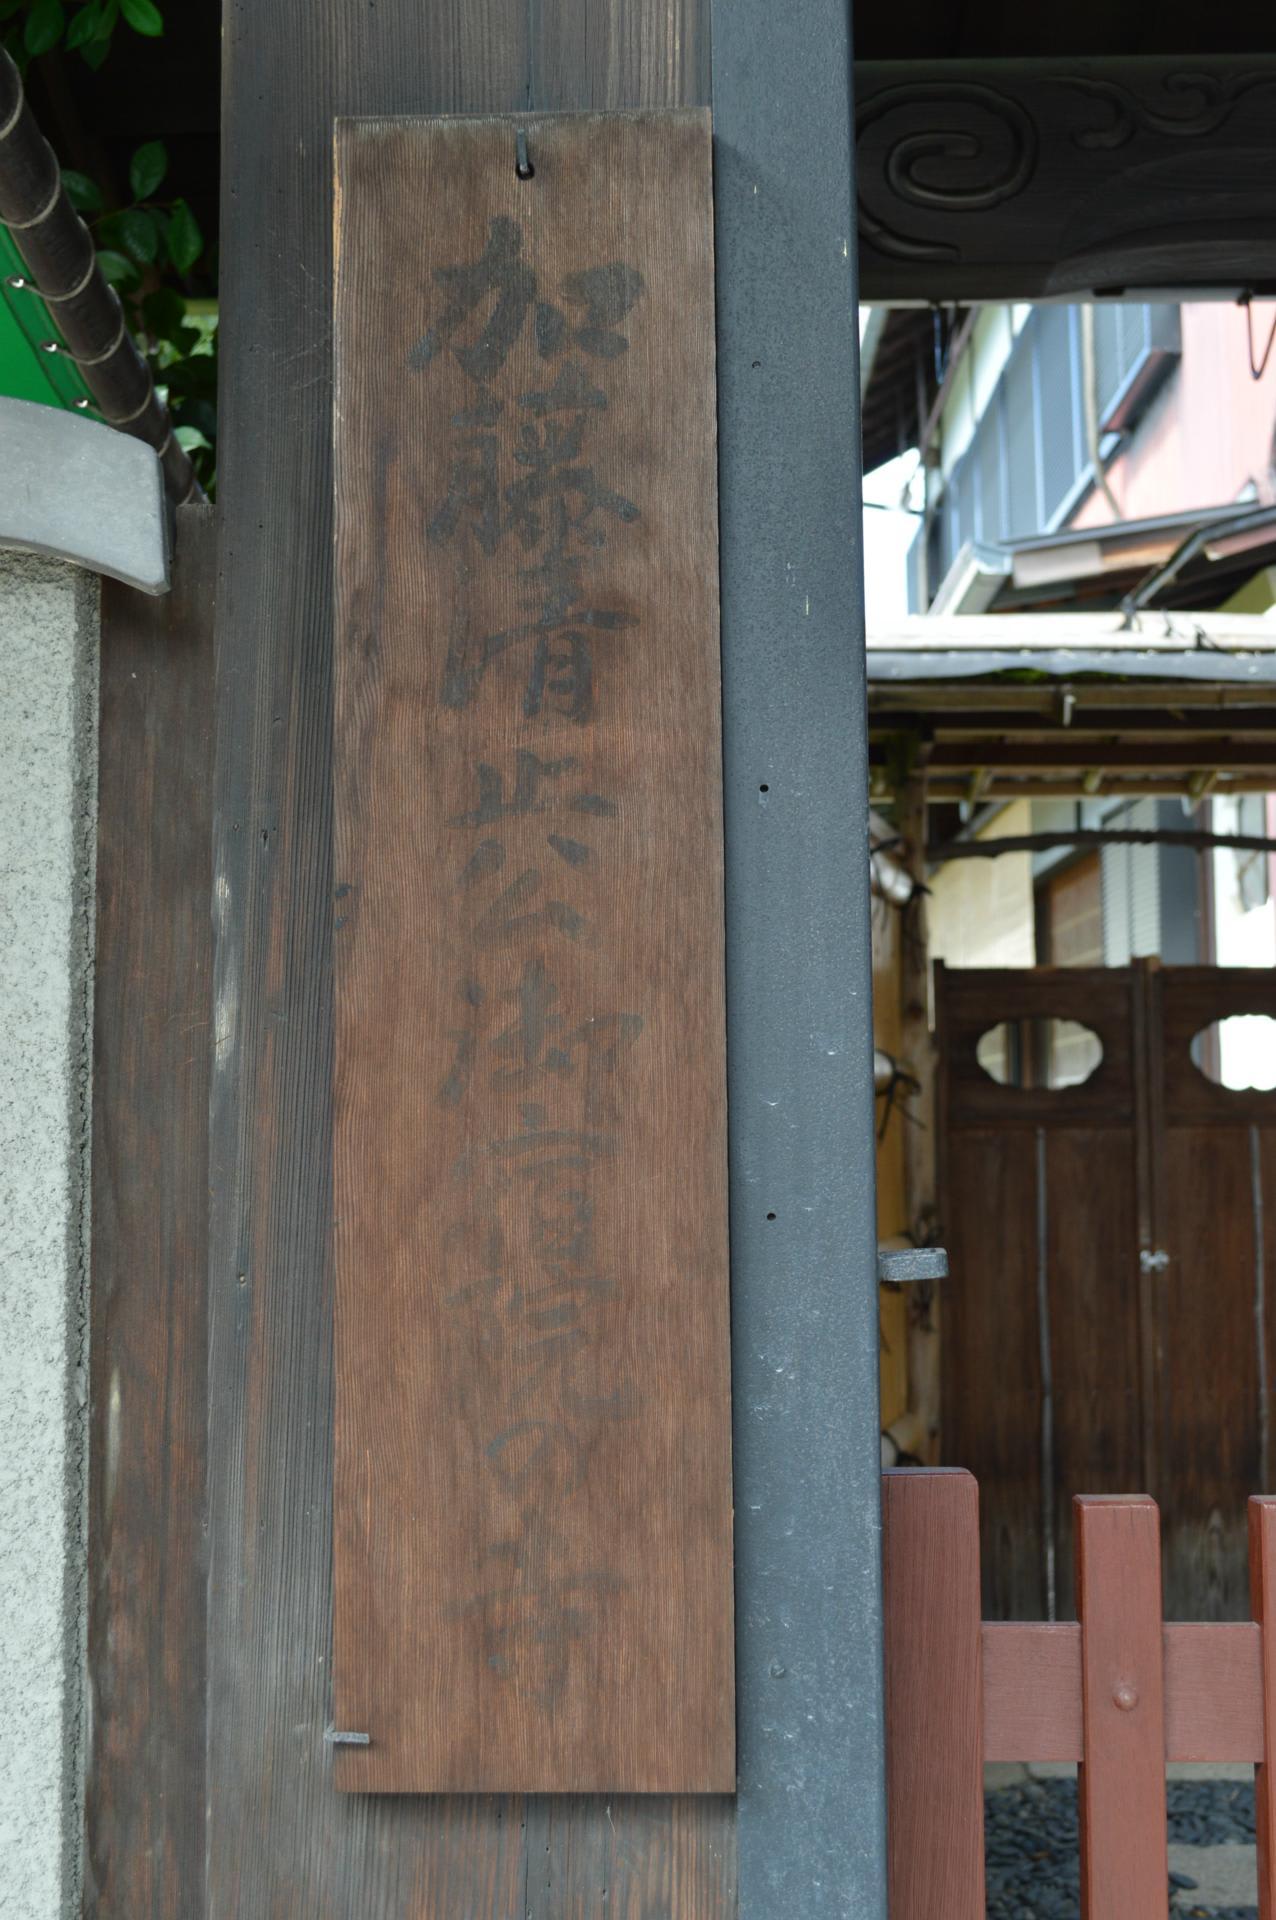 勧持院 加藤清正の宿舎 - アート...